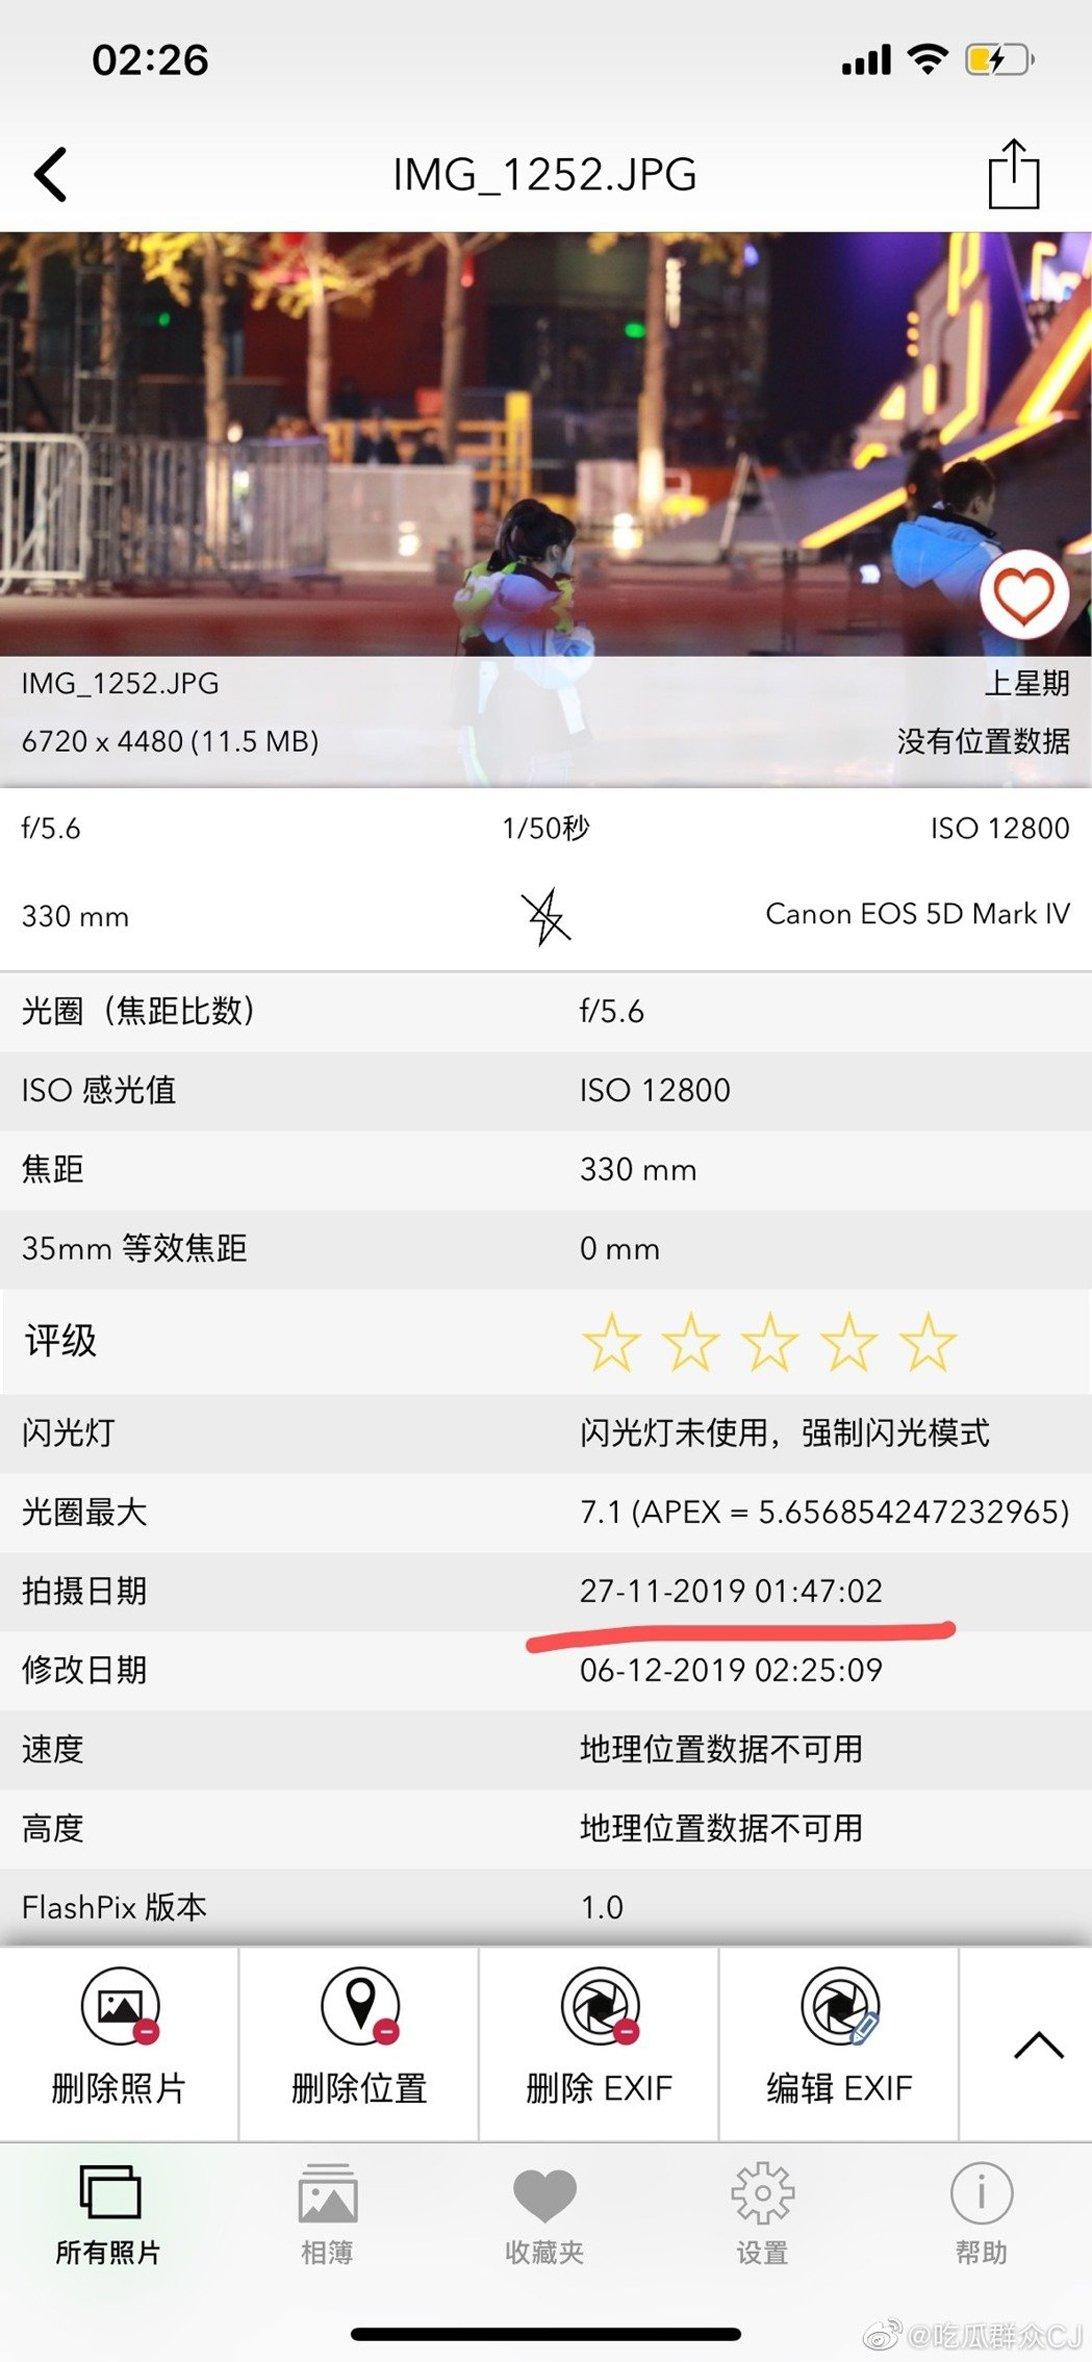 6日晚有网民于微博上载当时拍摄现场照片的时间,从照片显示的时间可见,在高以翔倒地后摄影师依然在拍摄,且过了最少16分钟才有人为他施救,疑与浙江卫视的说法有出入。